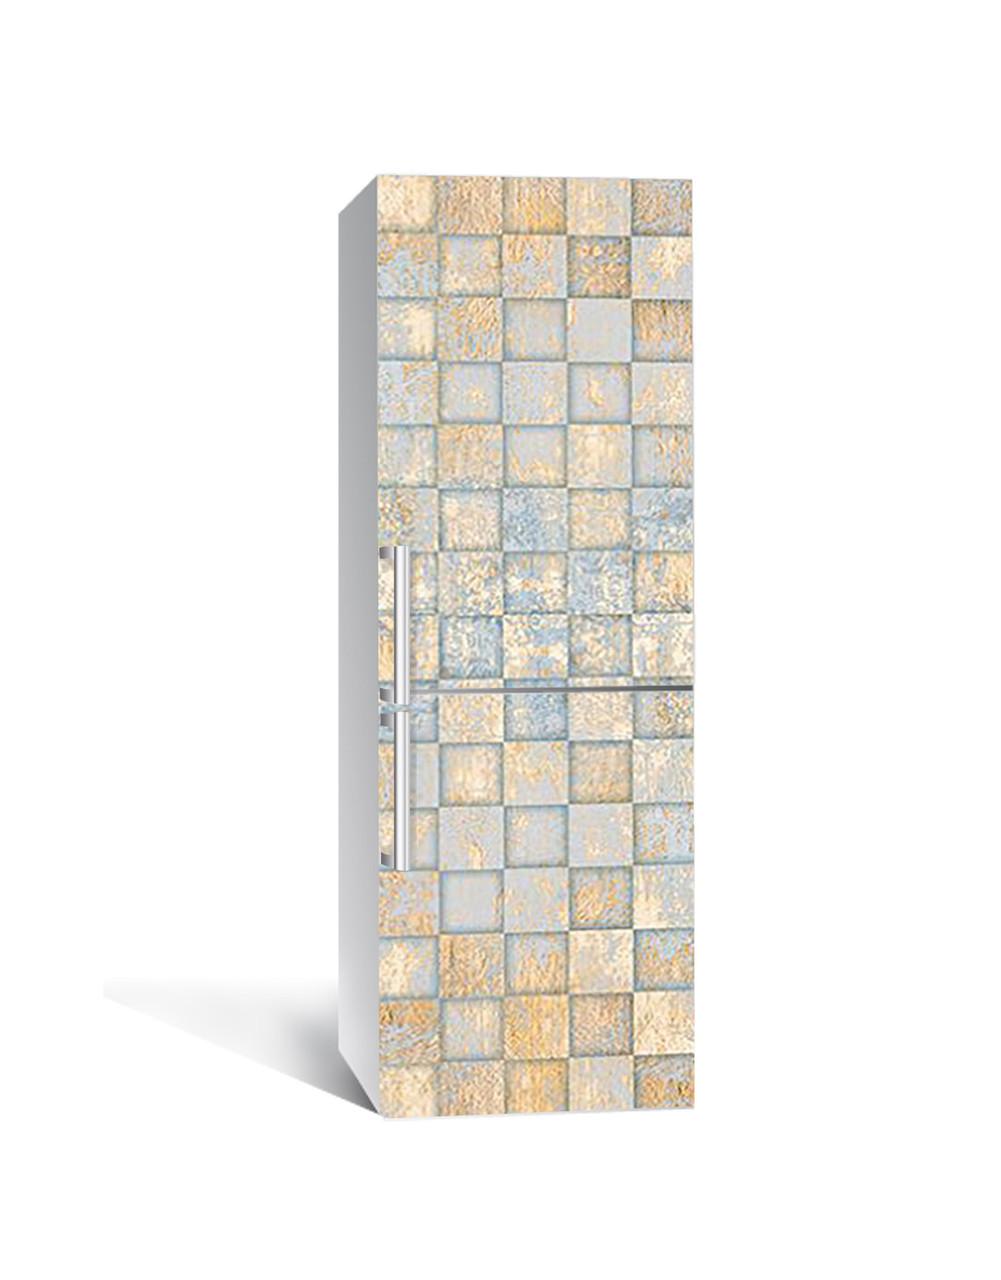 Декор 3Д наклейка на холодильник Золотые Квадраты (пленка ПВХ фотопечать) 65*200см Геометрия Голубой